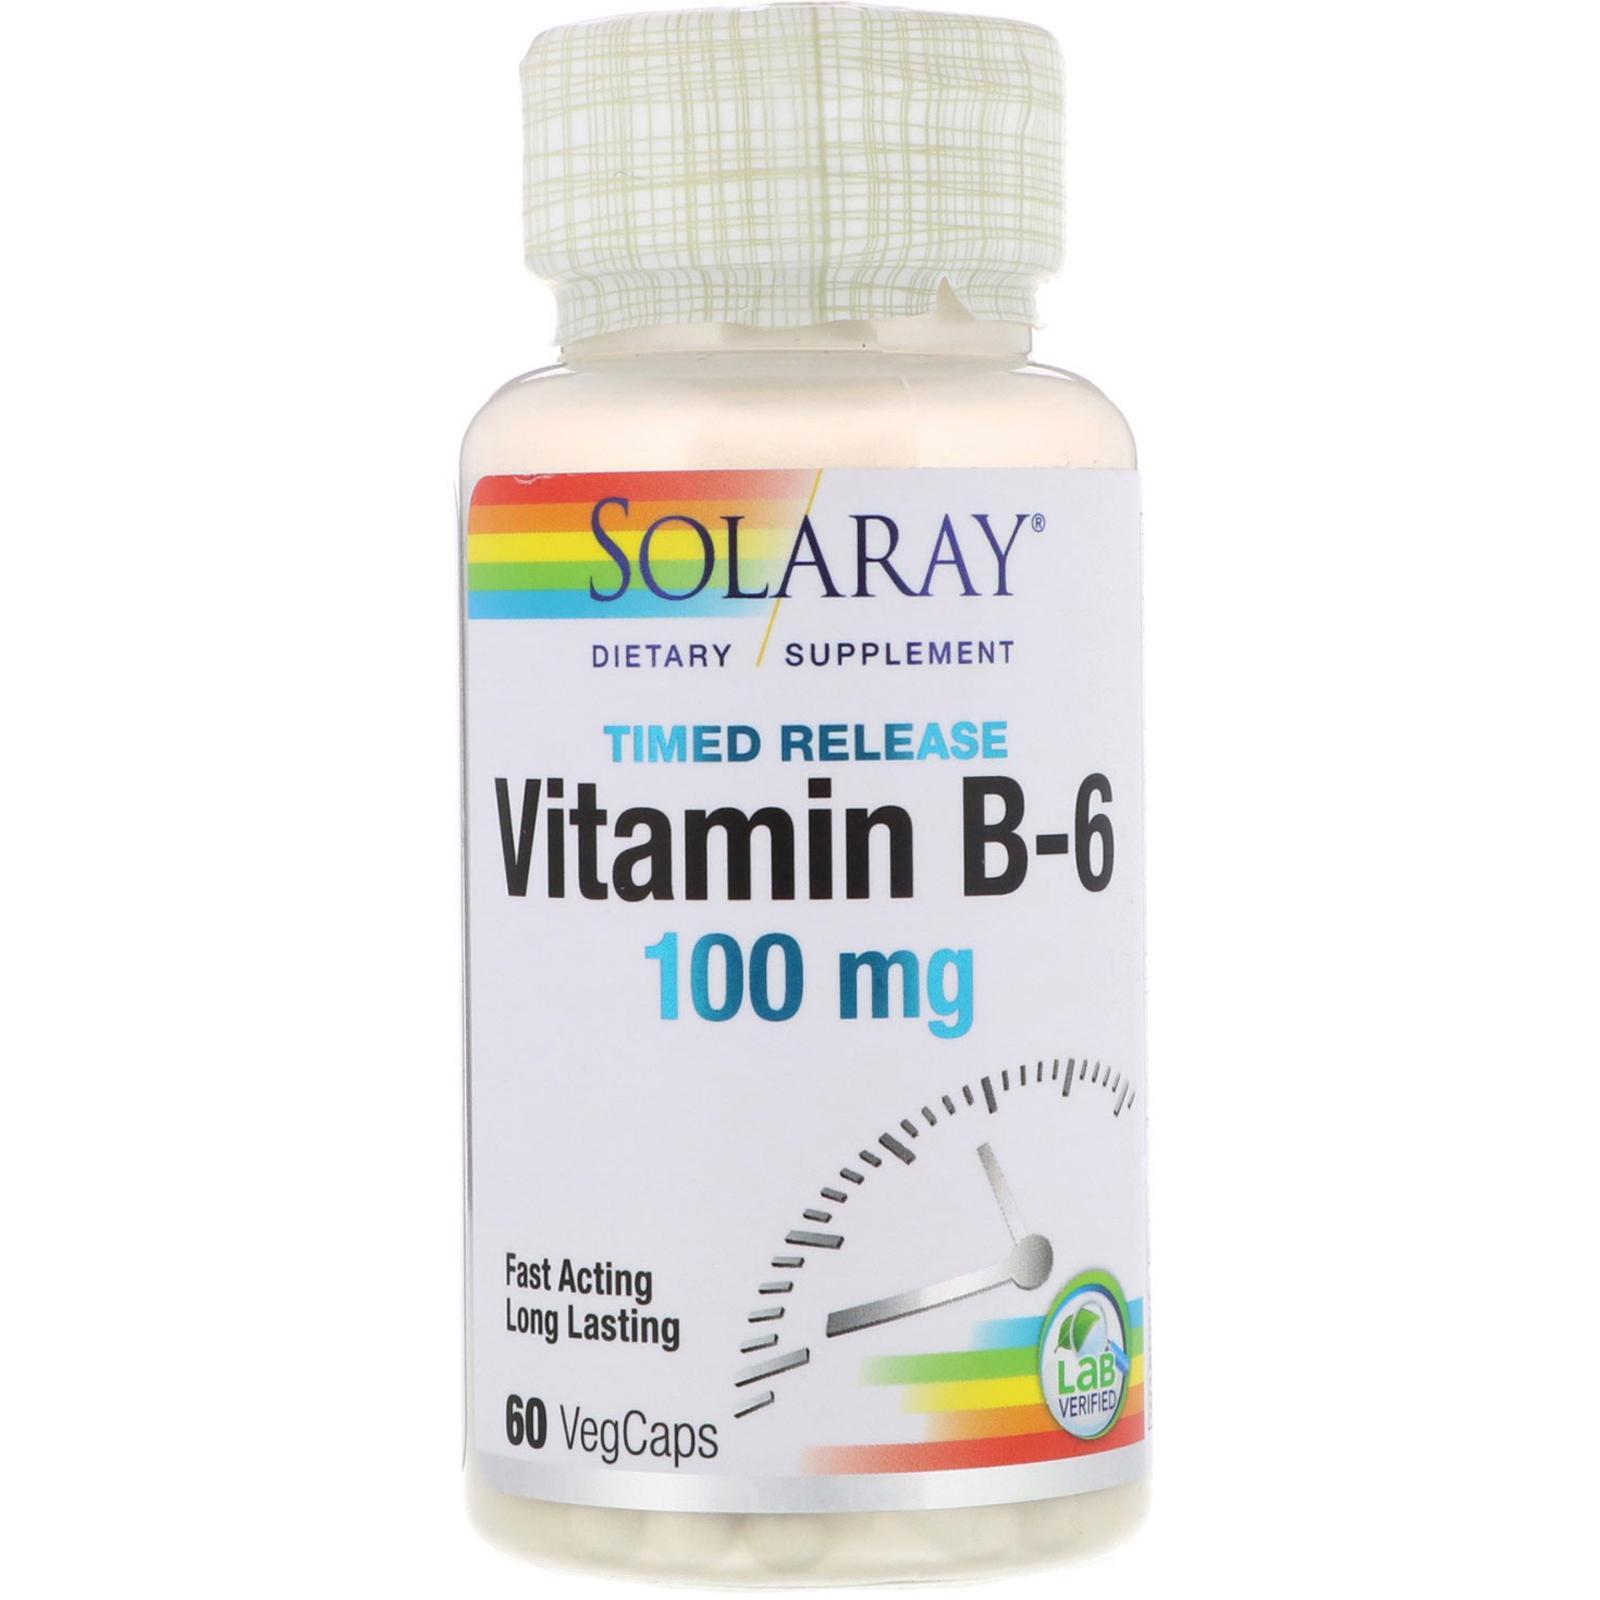 for meget b12 vitamin